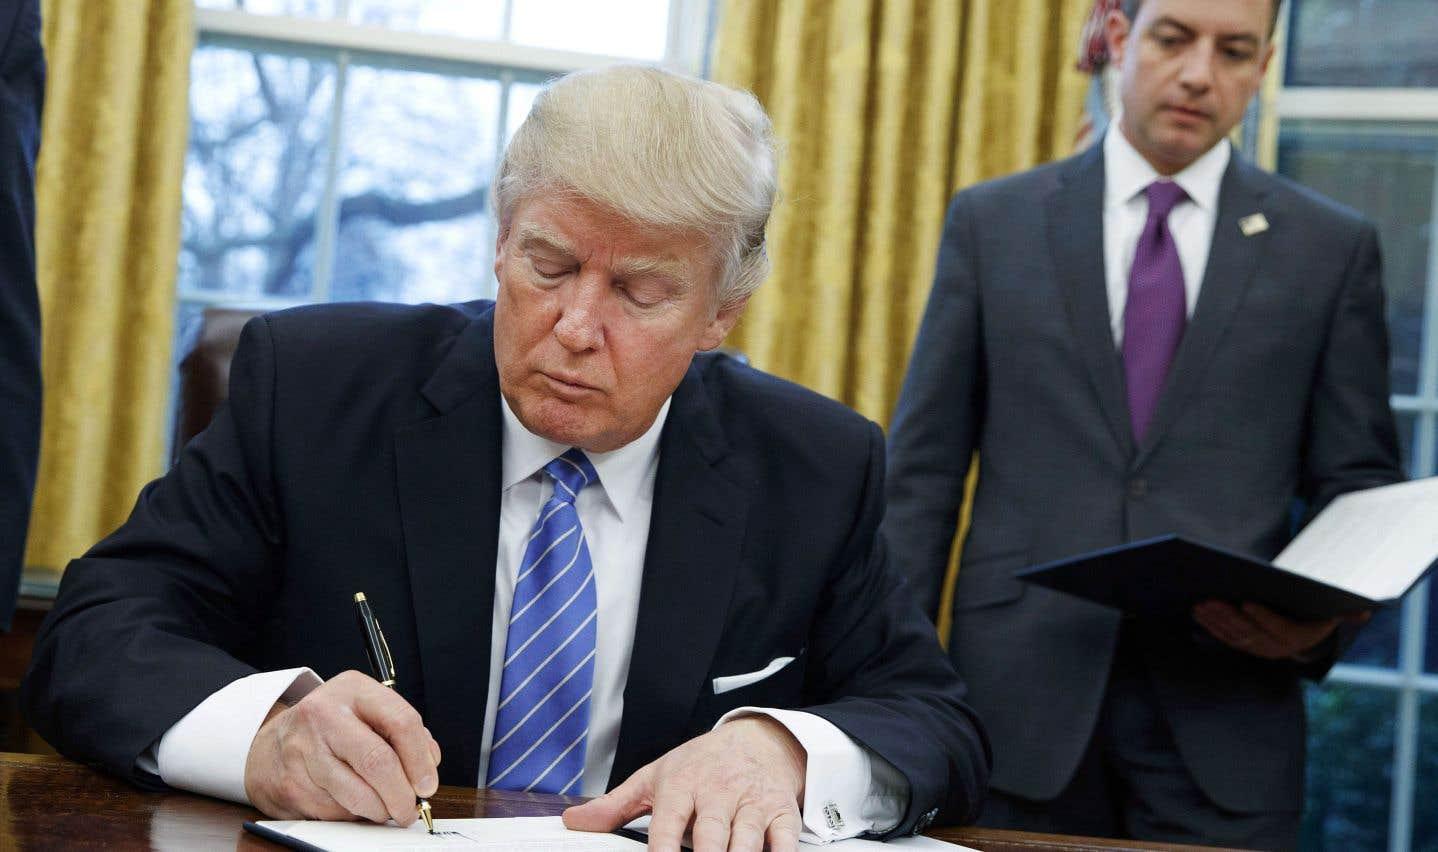 Donald Trump signant le retrait des États-Unis du Partenariat transpacifique, en janvier 2017